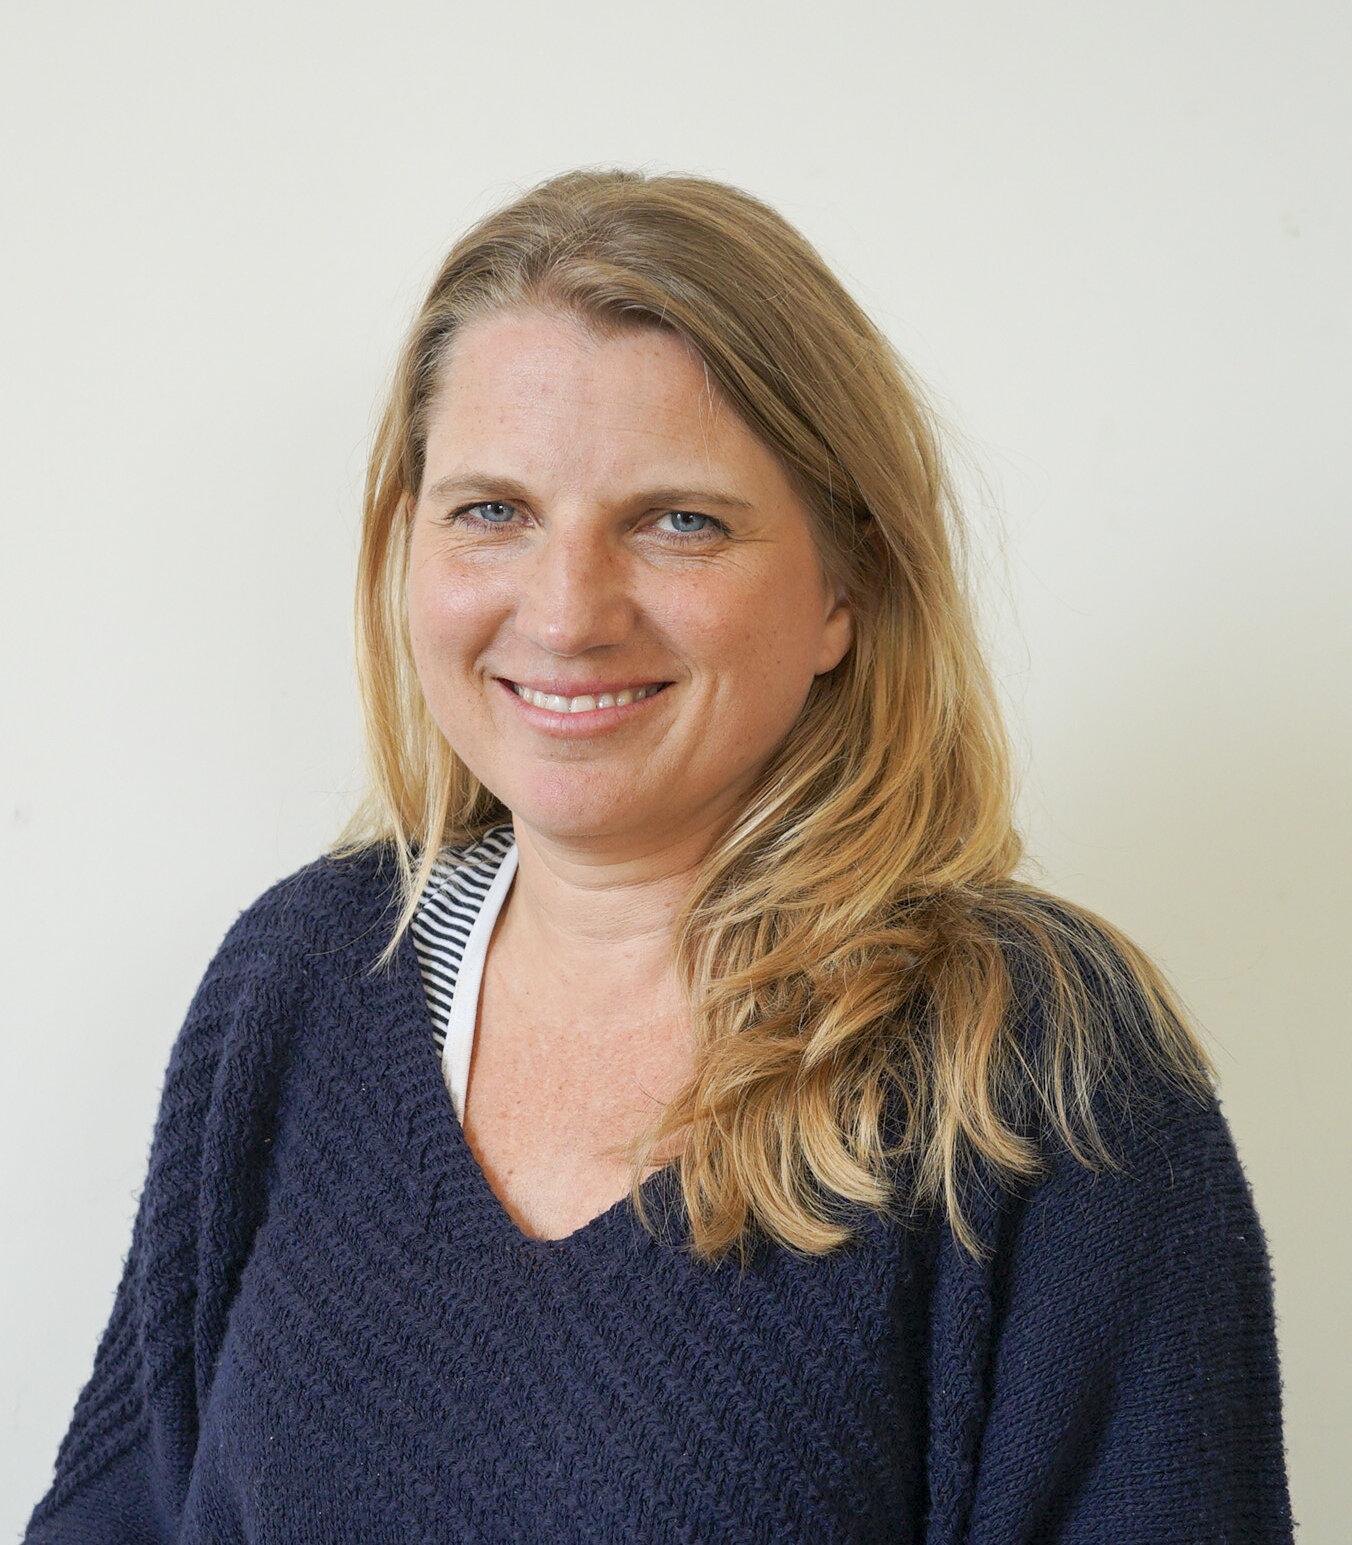 EMW/L44 Team Profile - Johanna Helin